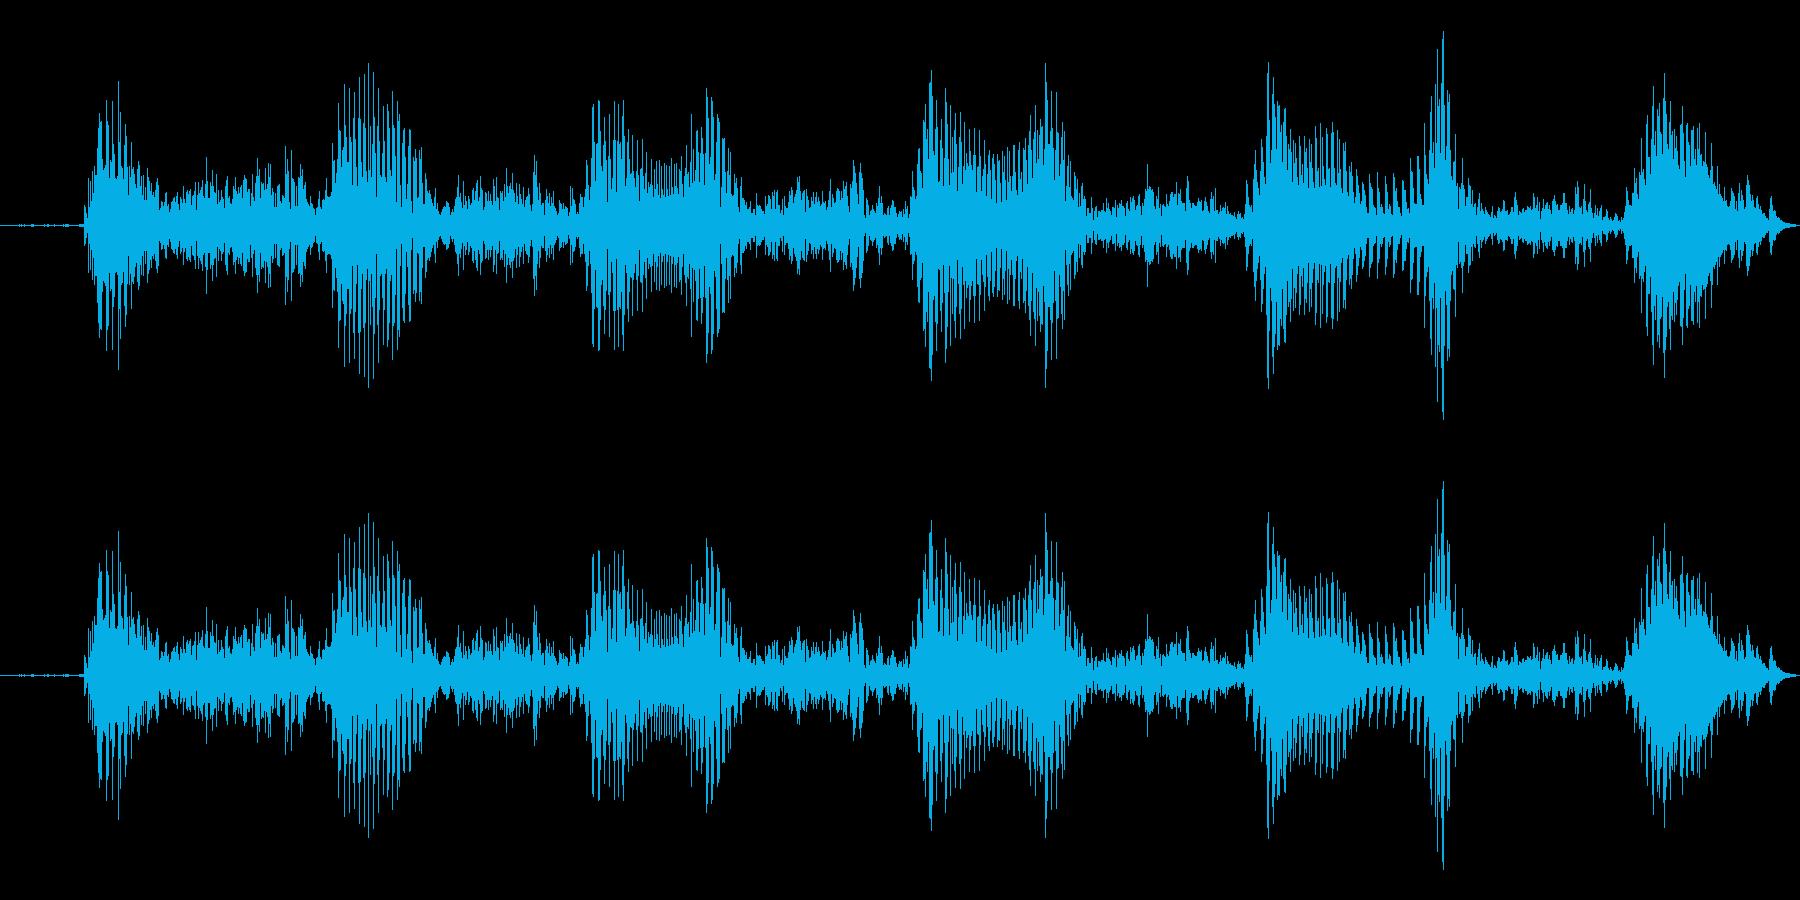 えへへ 幼児(1~2歳)の笑い声の再生済みの波形